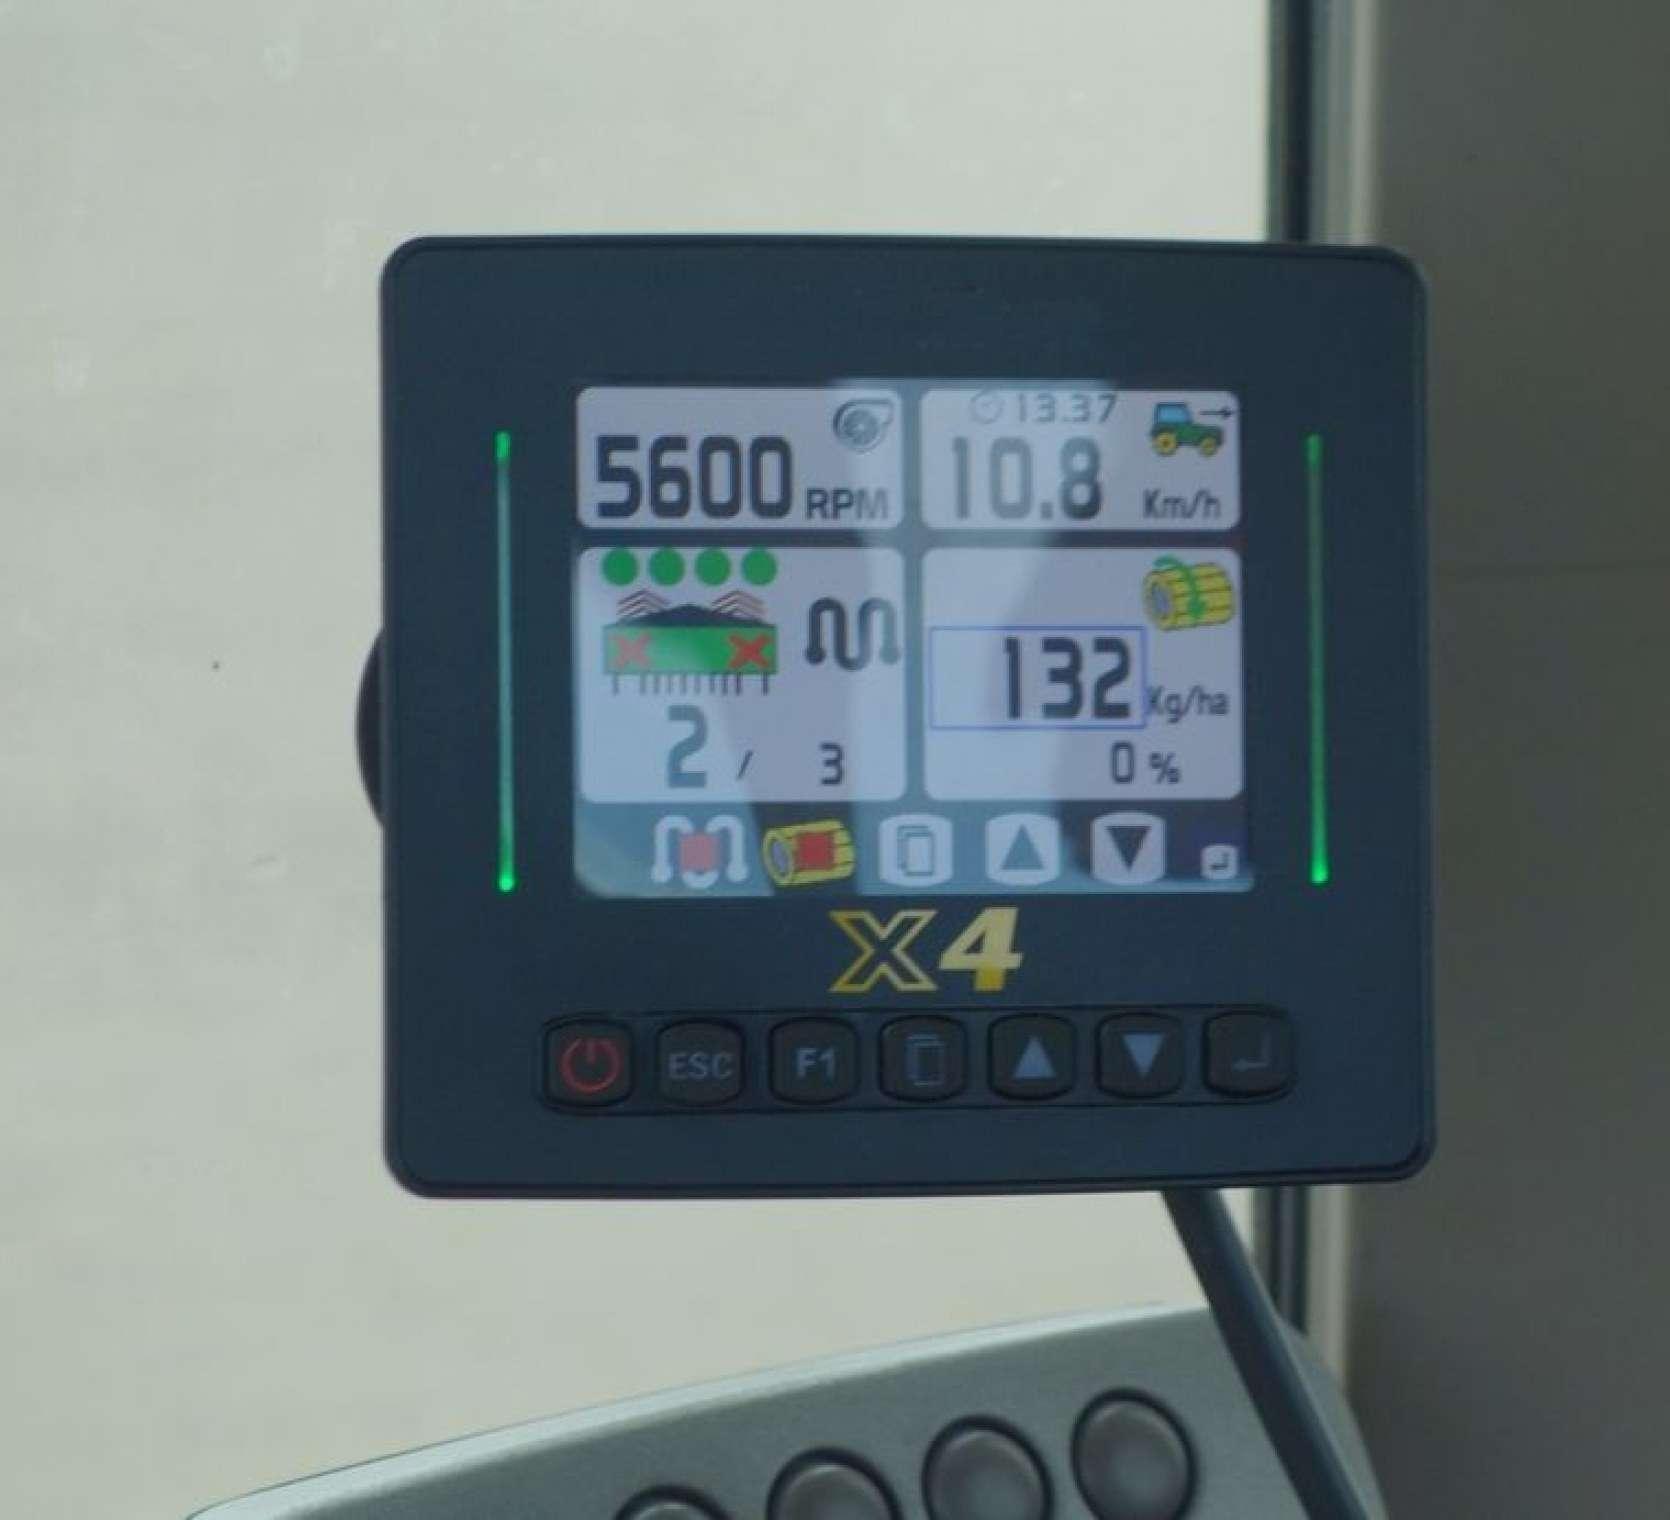 Konsola elektroniczna X4 kontrolująca pracę siewnika, z odczytami